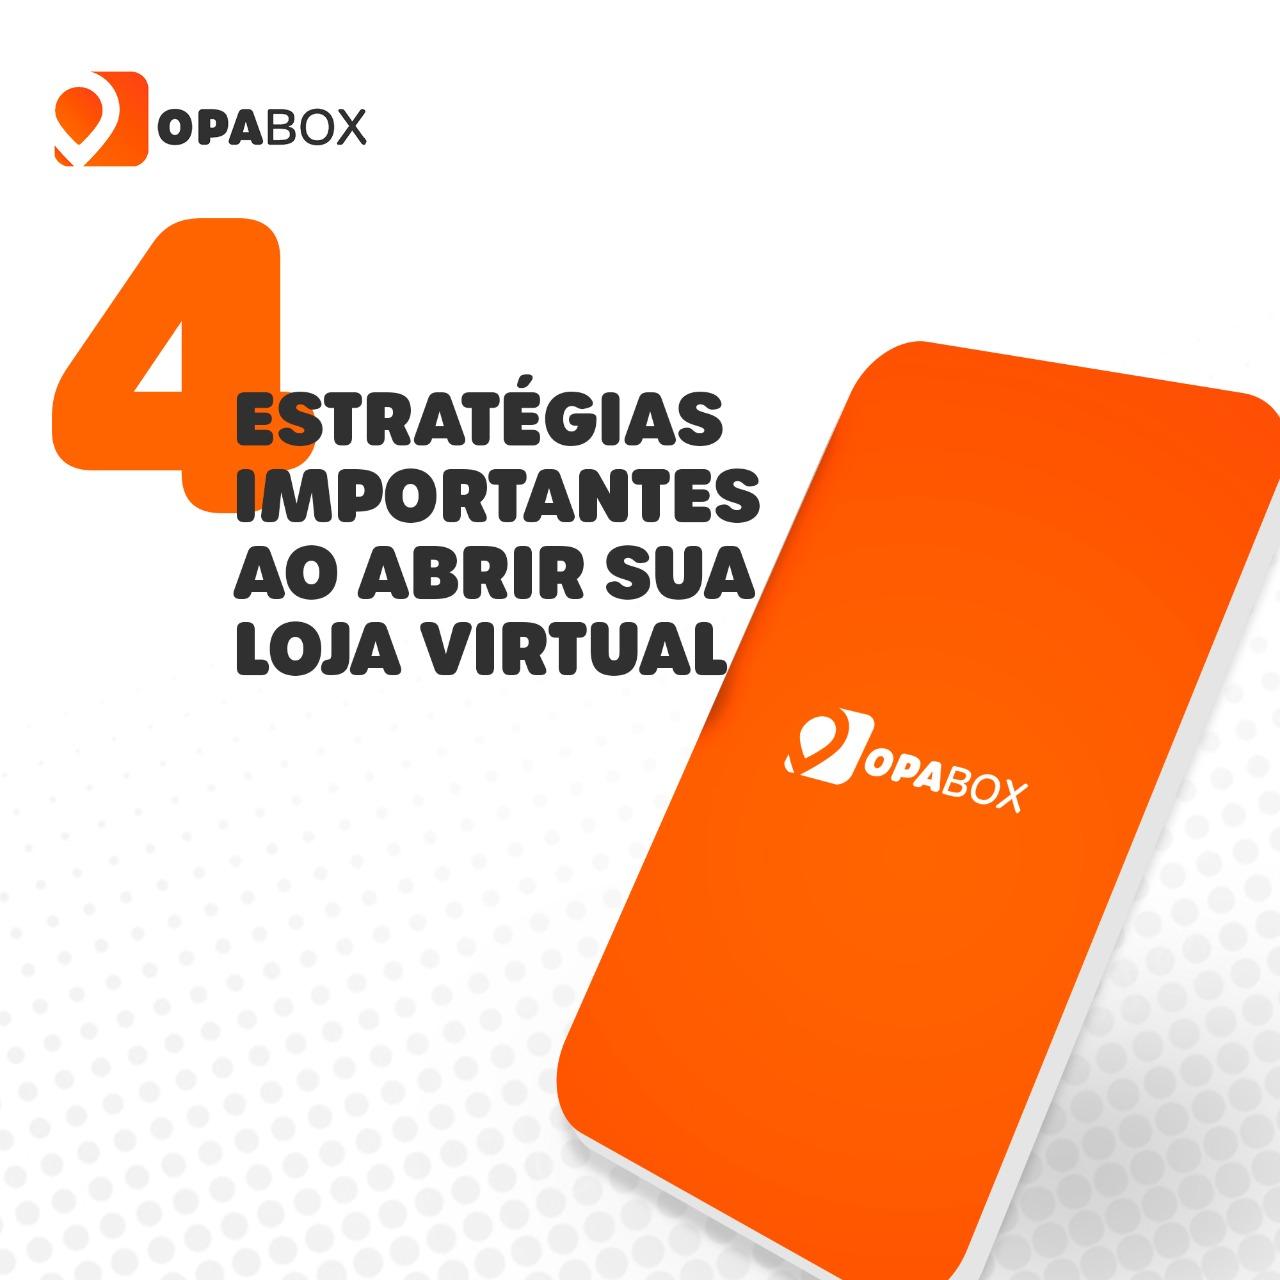 4 estratégias importantes ao abrir sua loja virtual